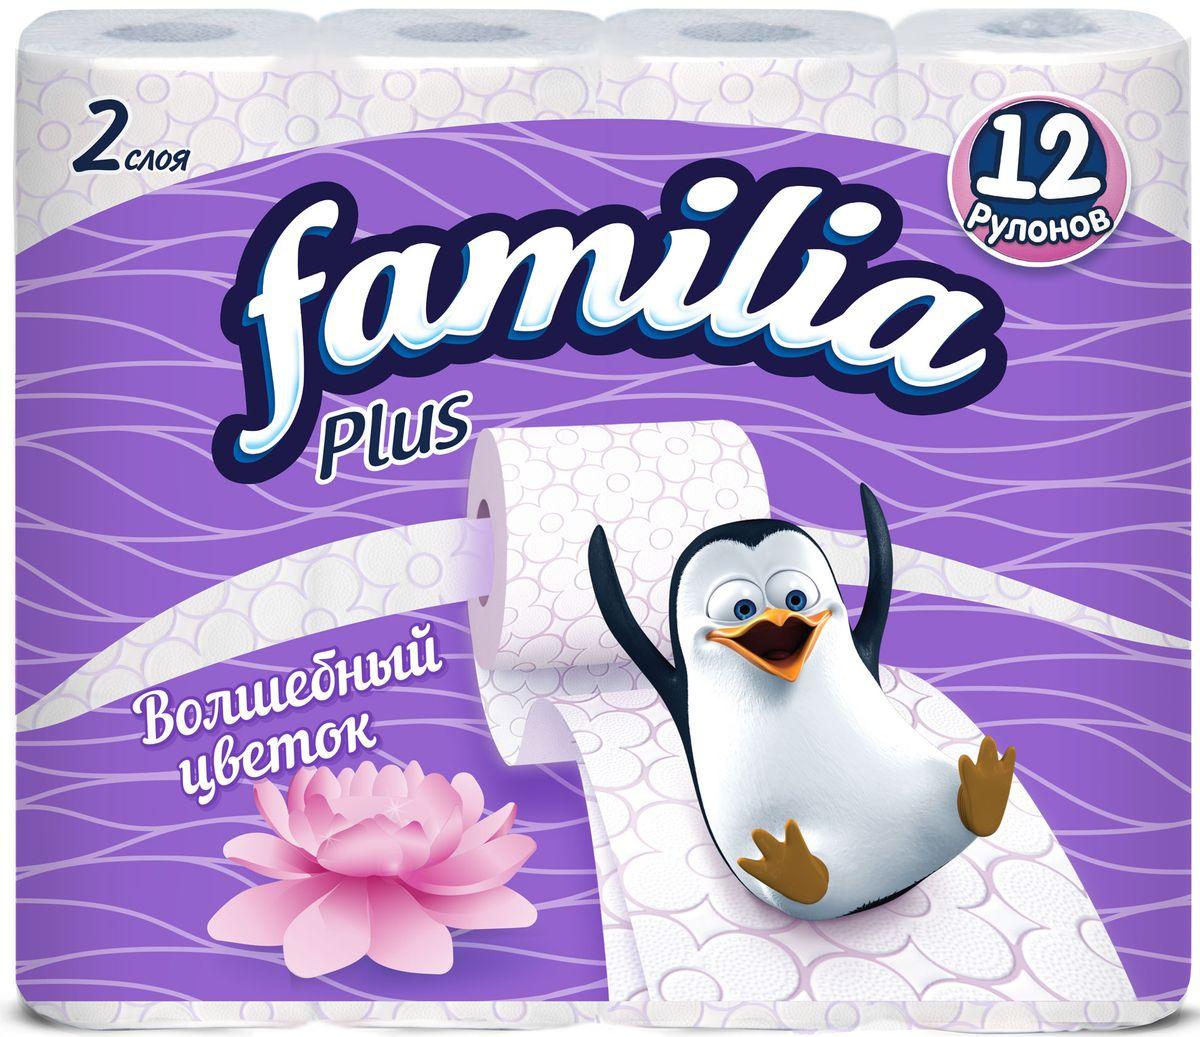 Бумага туалетная Familia Магический цветок, двухслойная, цвет: белый, 12 рулонов туалетная бумага familia plus магический цветок двухслойная цвет белый 4 шт